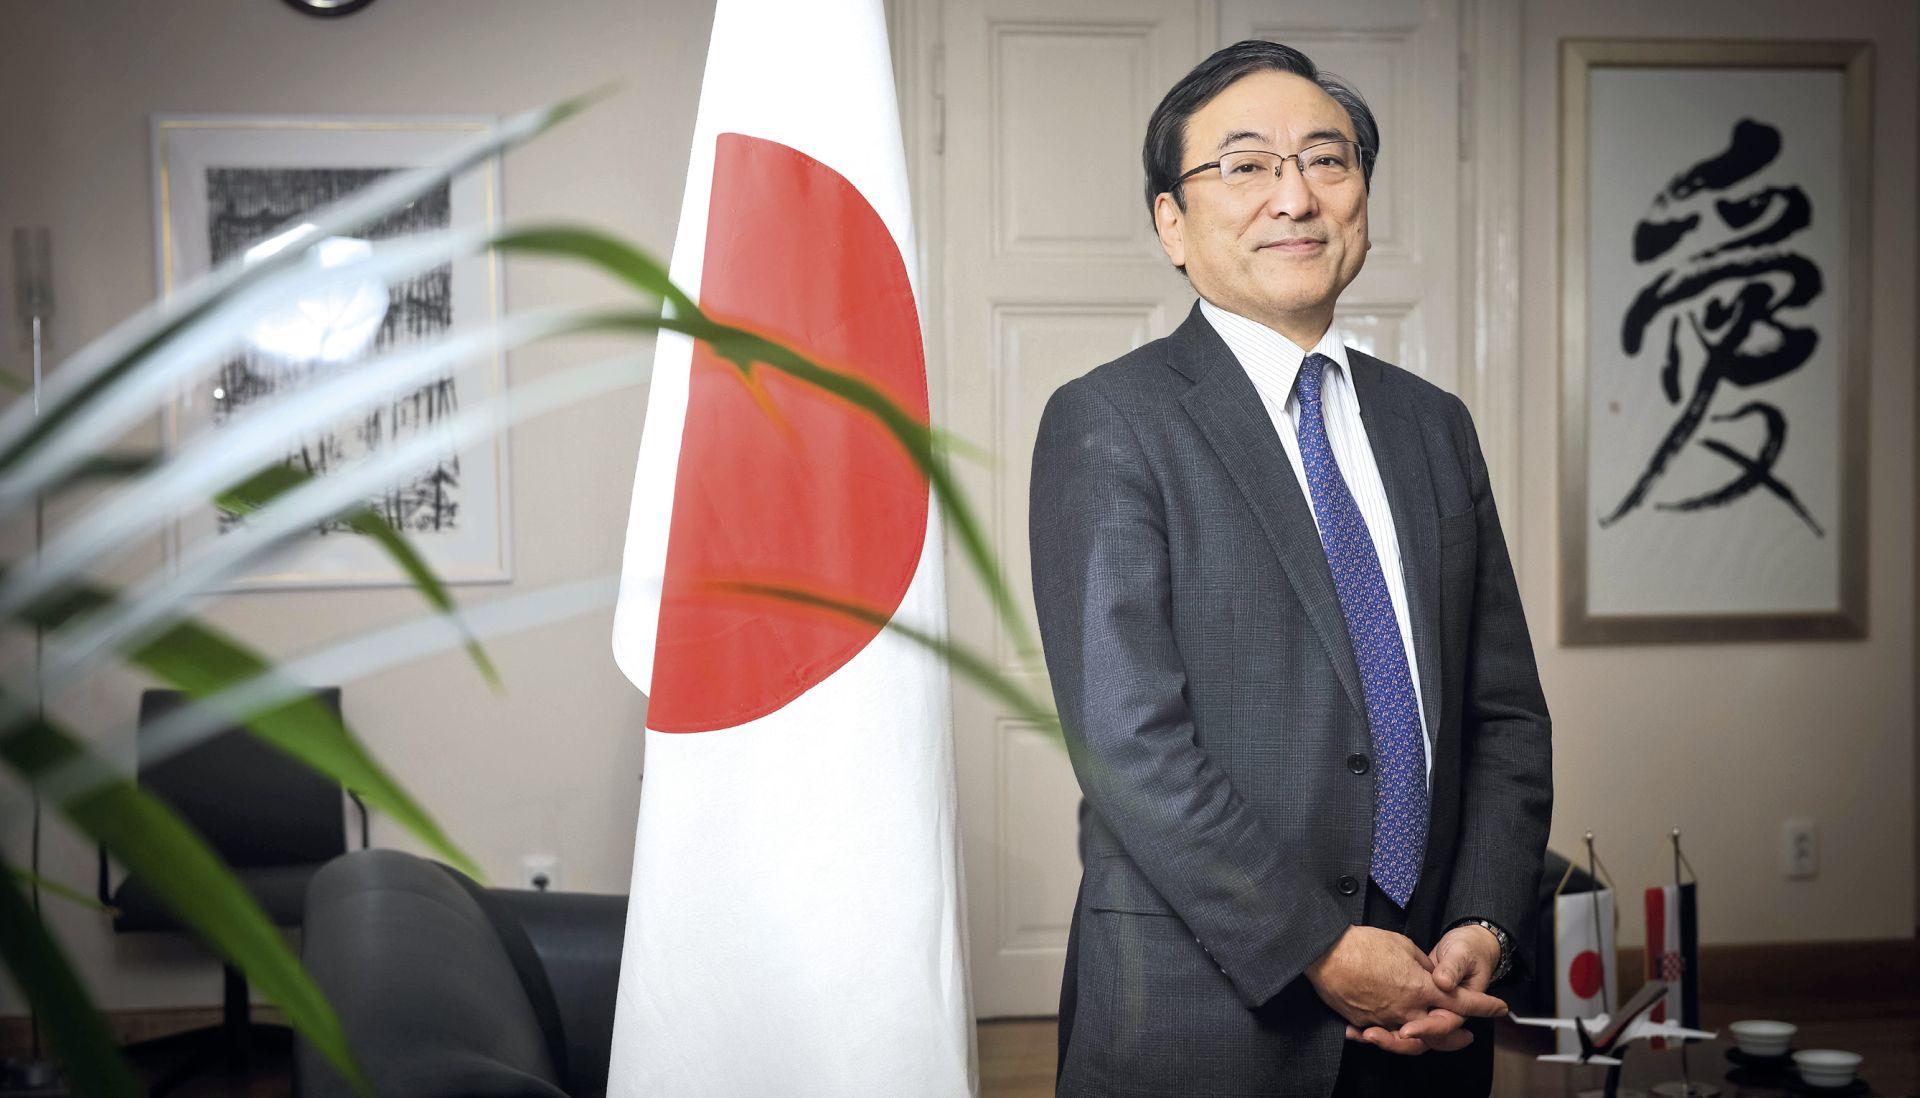 INTERVIEW: KEIJI IDE 'Japanski ulagači žele da ih se tretira isto kao europske'